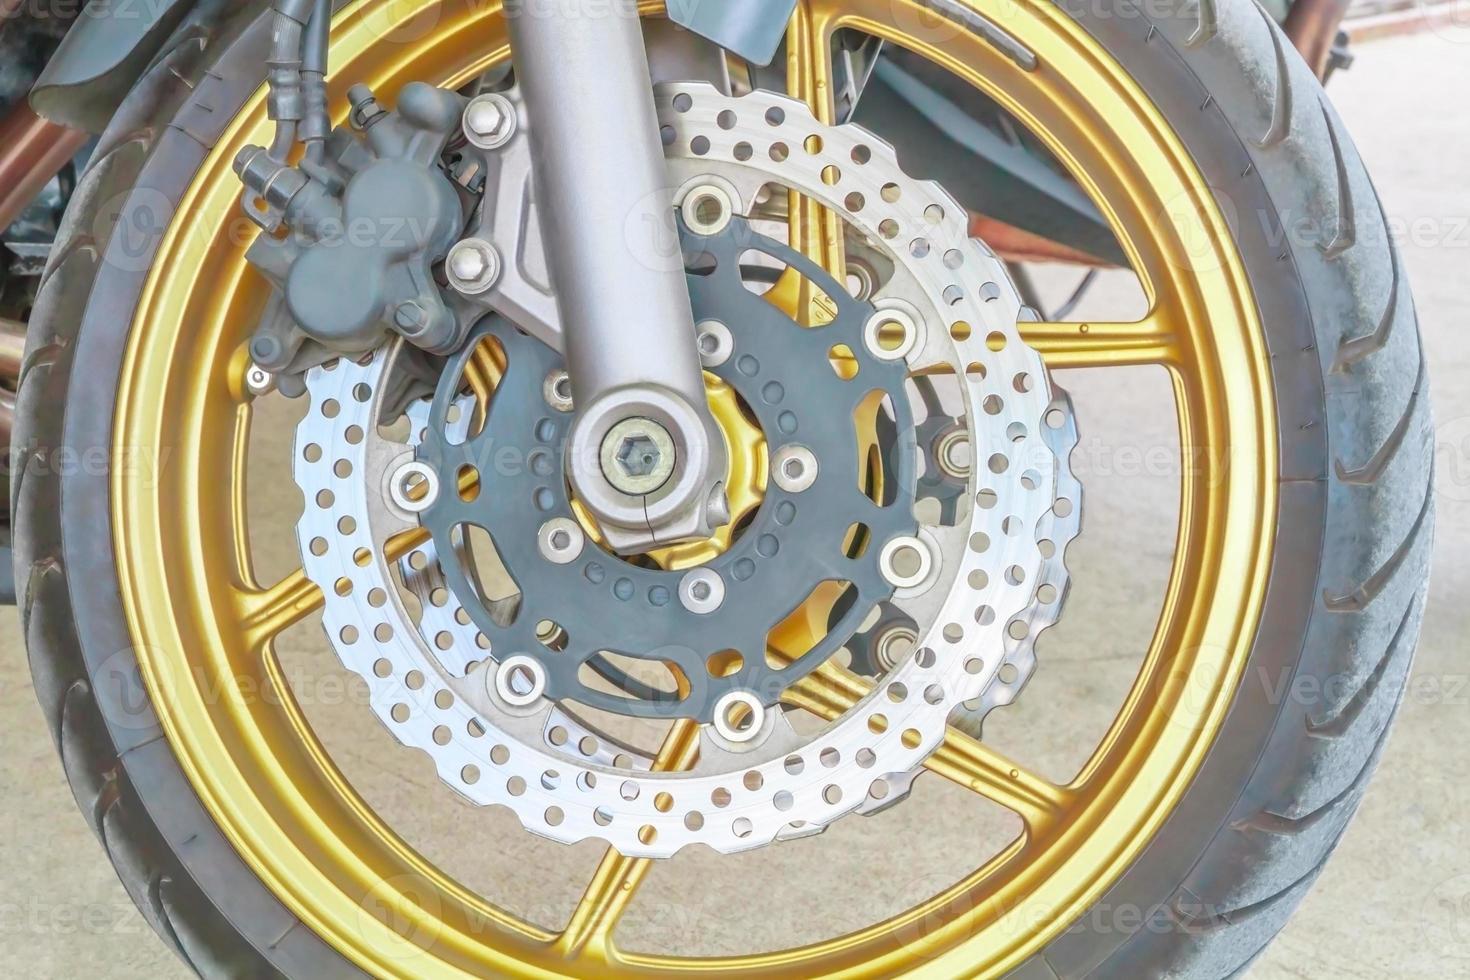 freios a disco para motociclos. foto